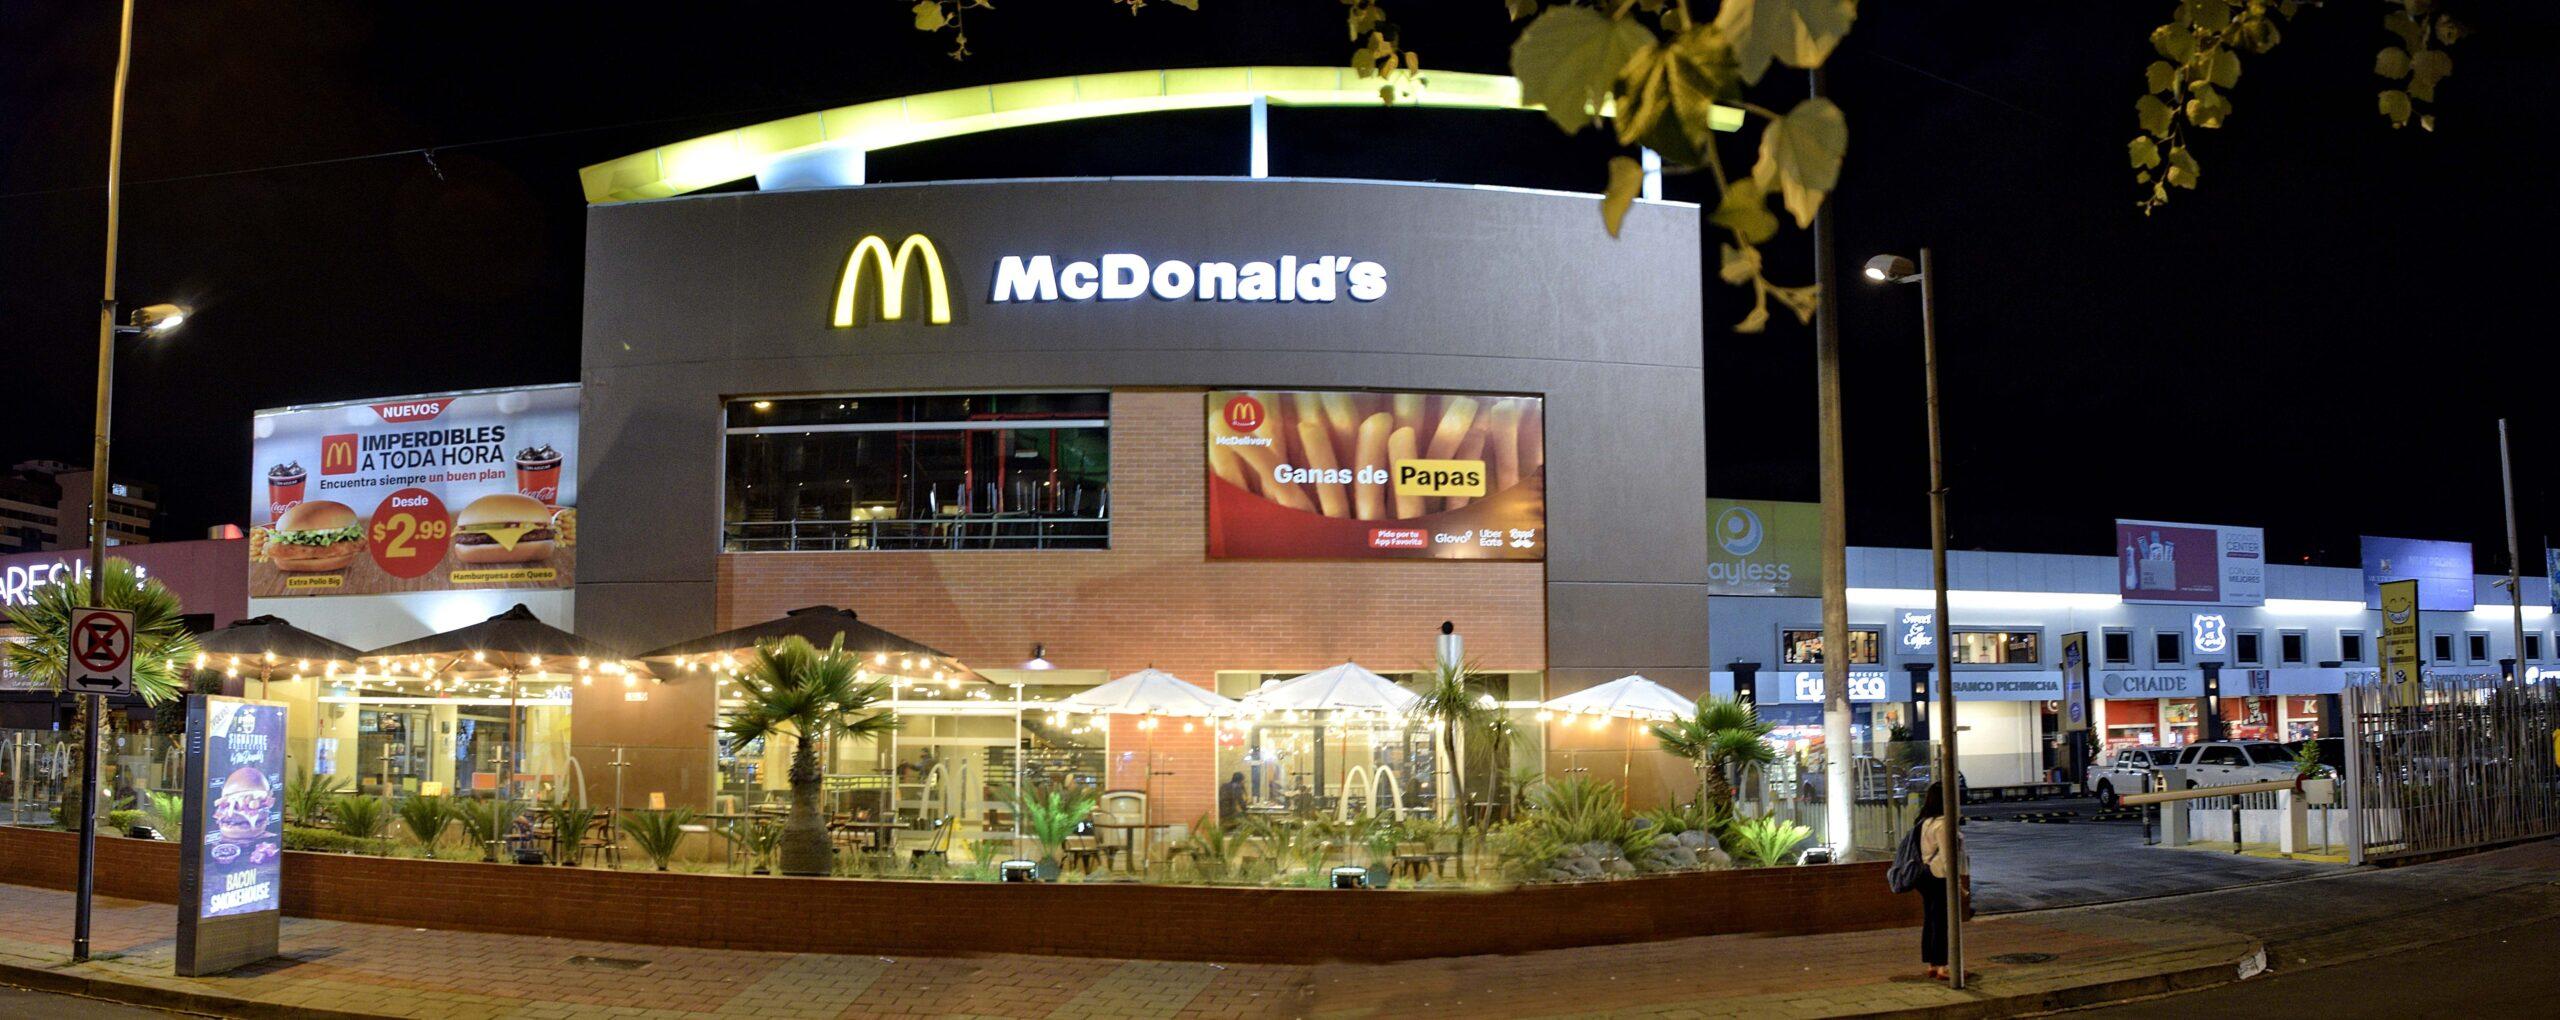 [Ecuador] McDonald's adapta sus locales en Ecuador con nuevos espacios exteriores para consumir al aire libre